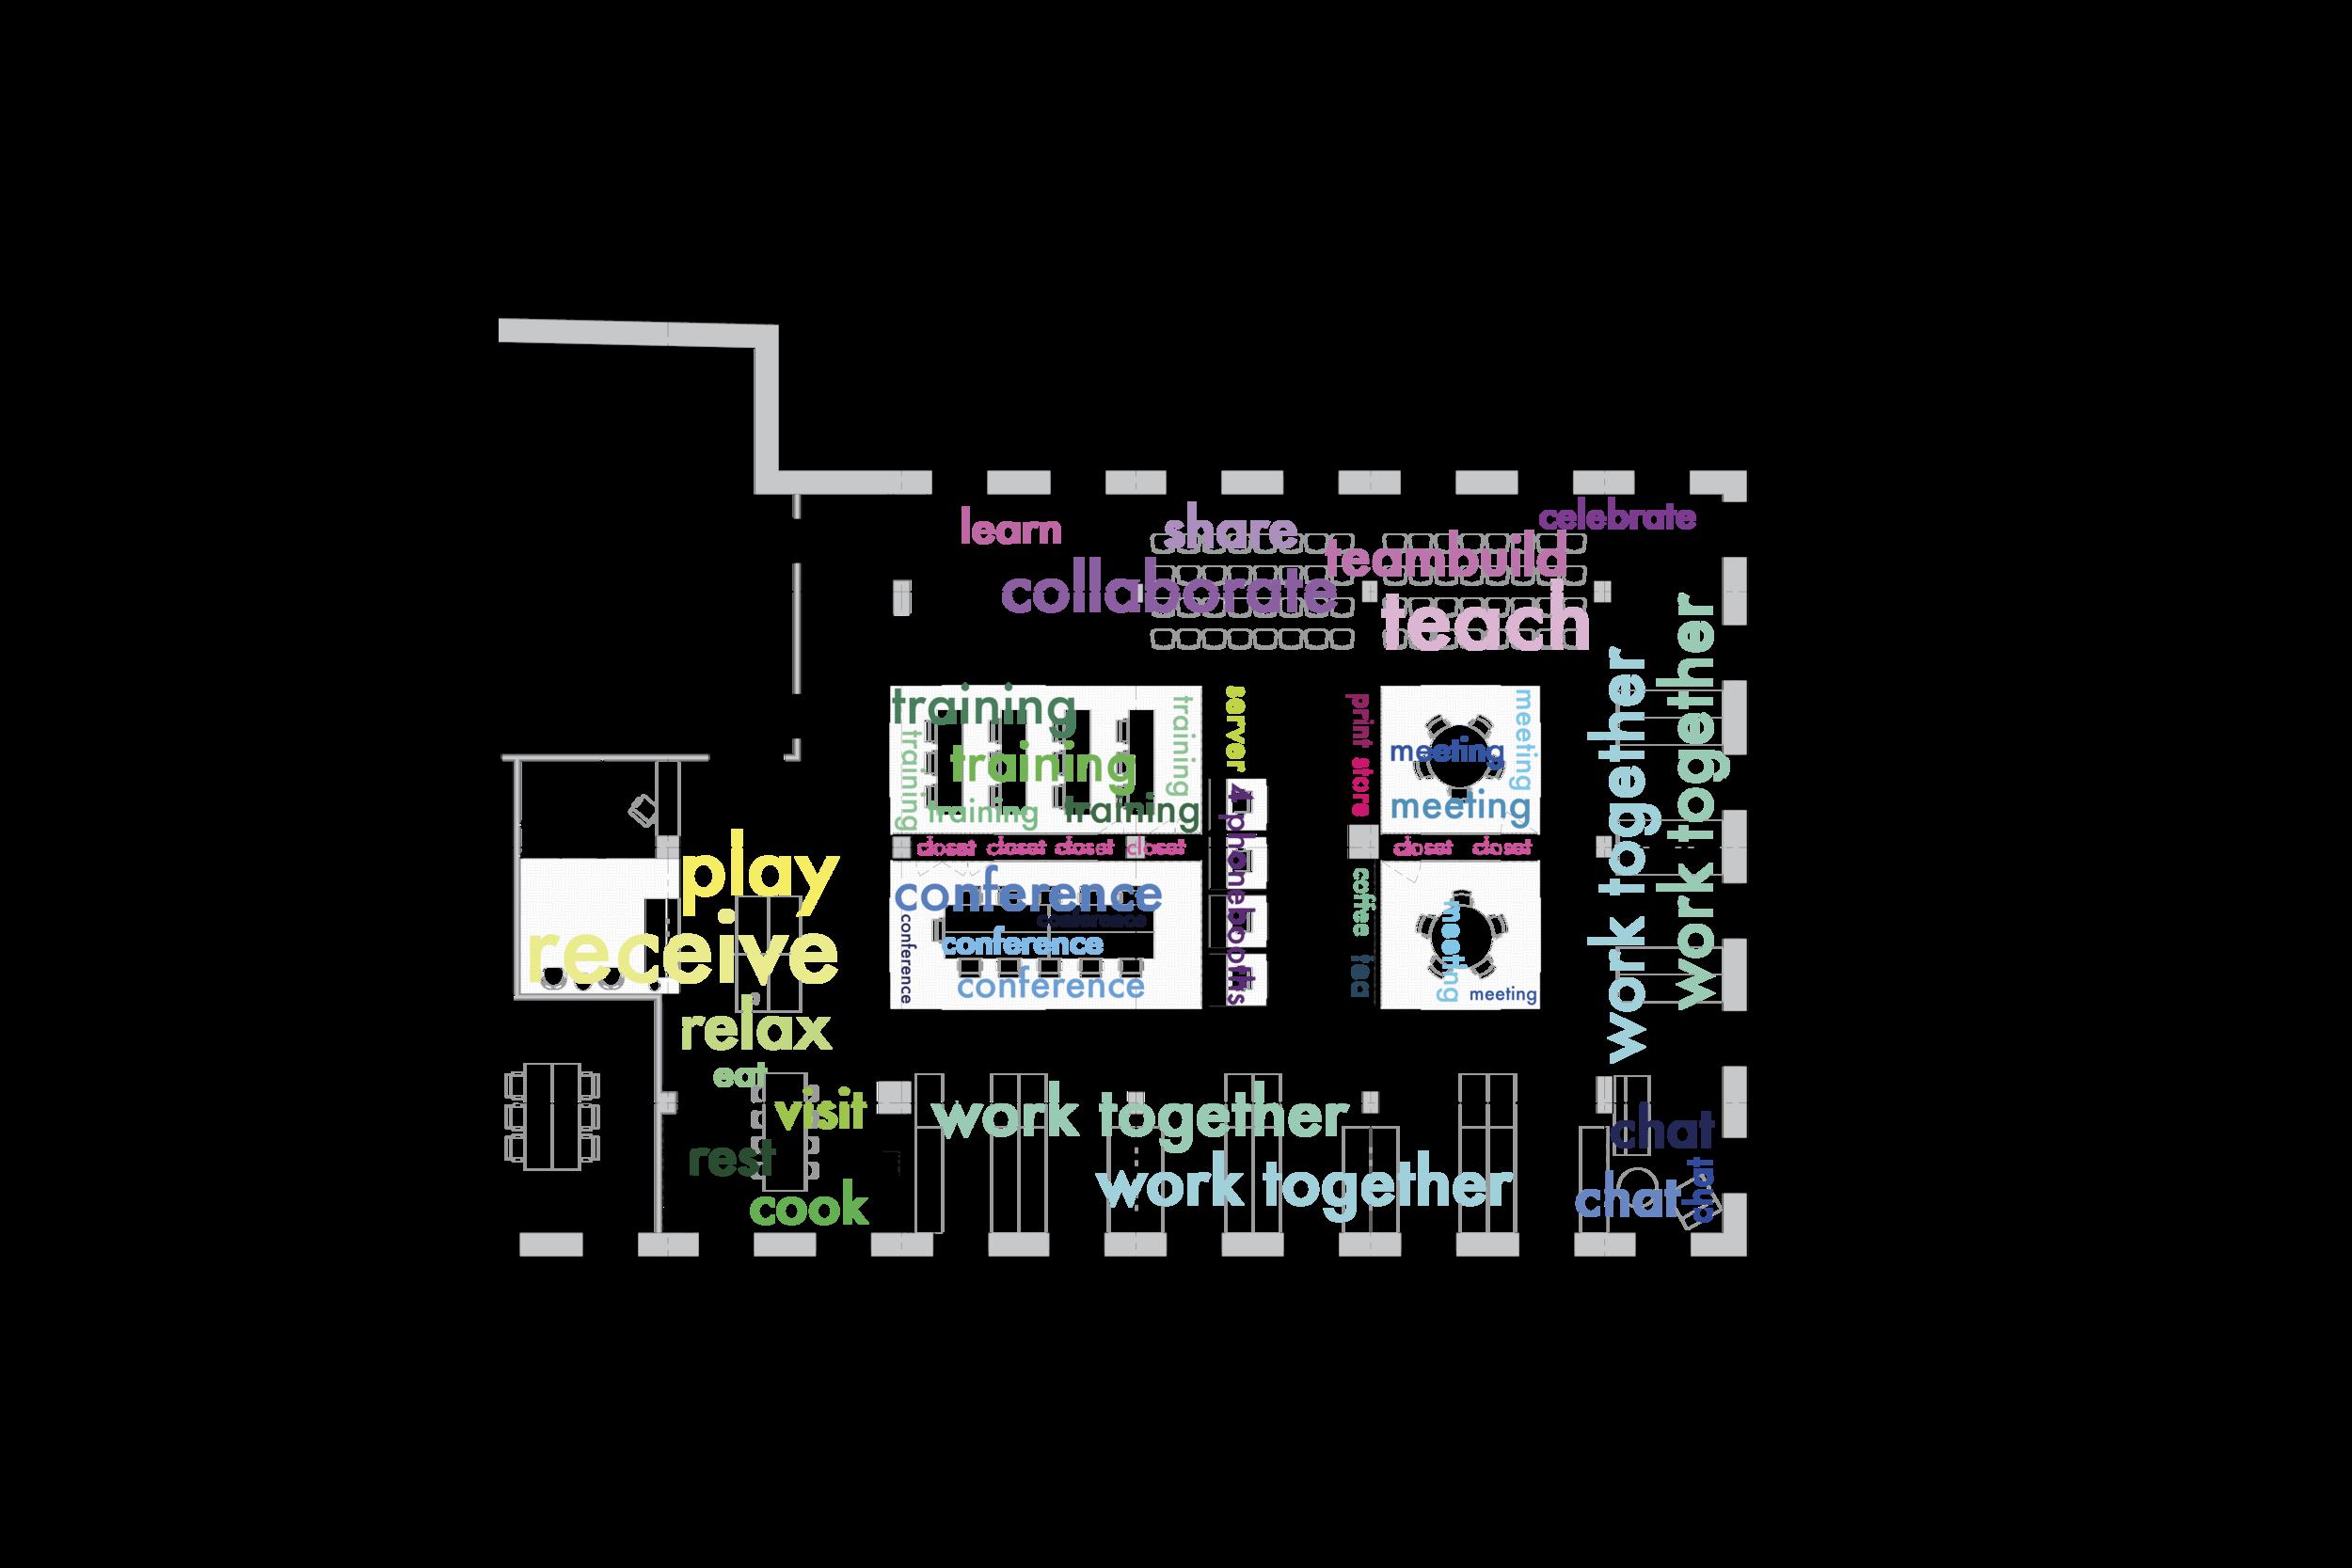 plan-diagram-01.png